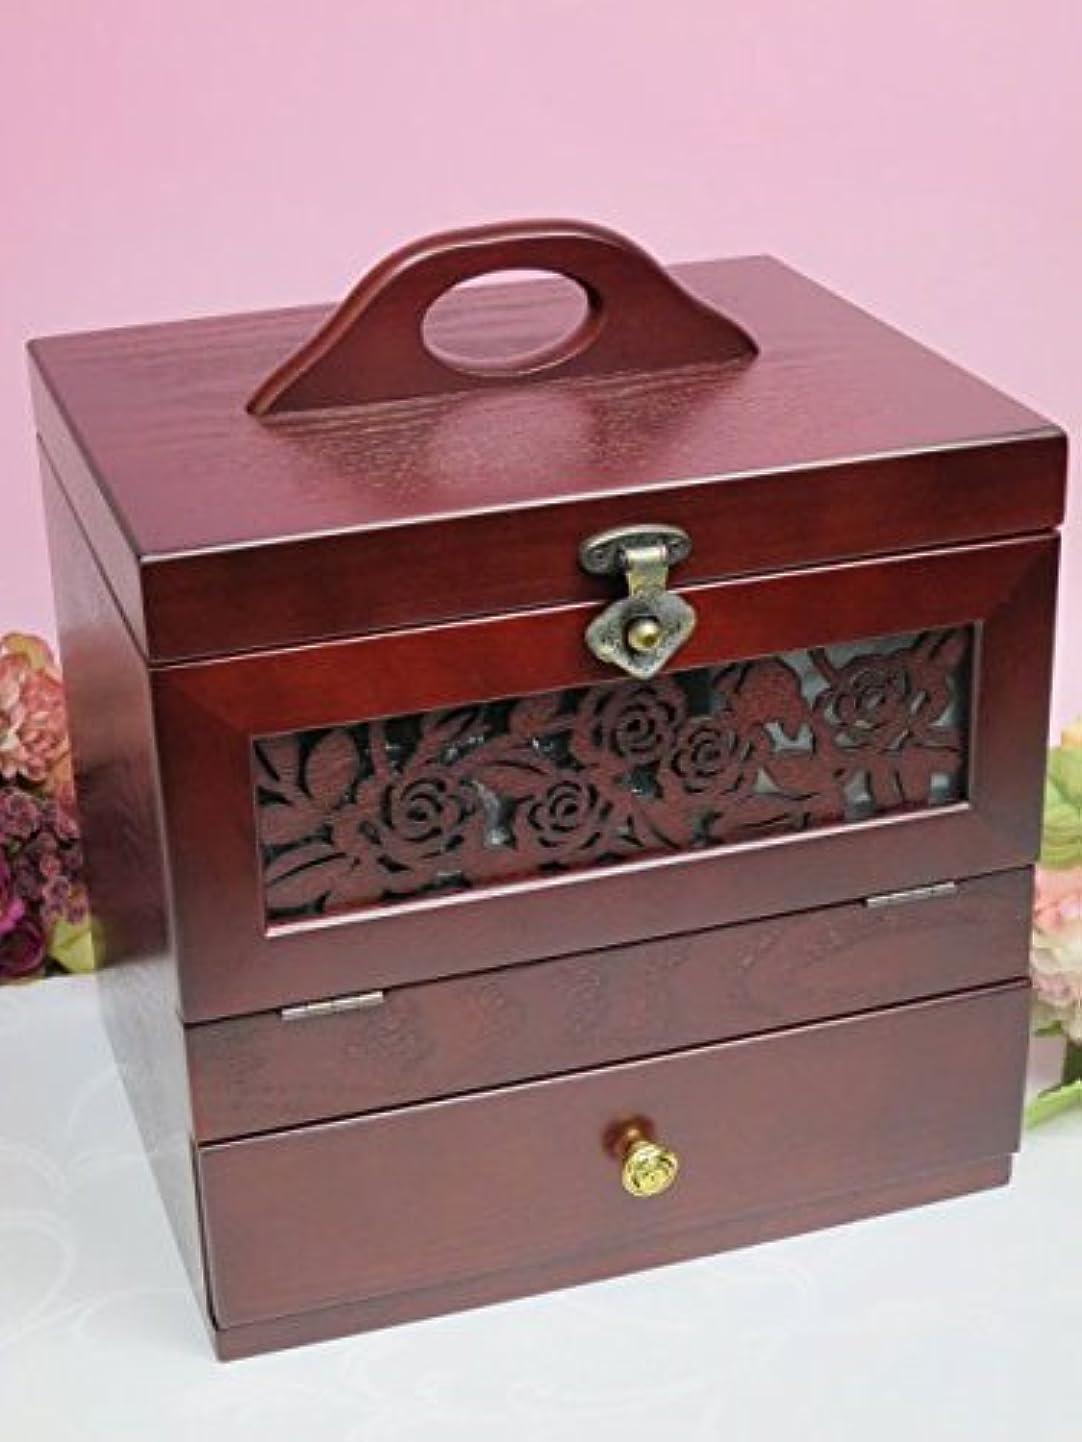 レンド簡単なレビュー木製 コスメティックボックス アンジェラ メイクボックス 化粧箱 化粧品 コスメボックス